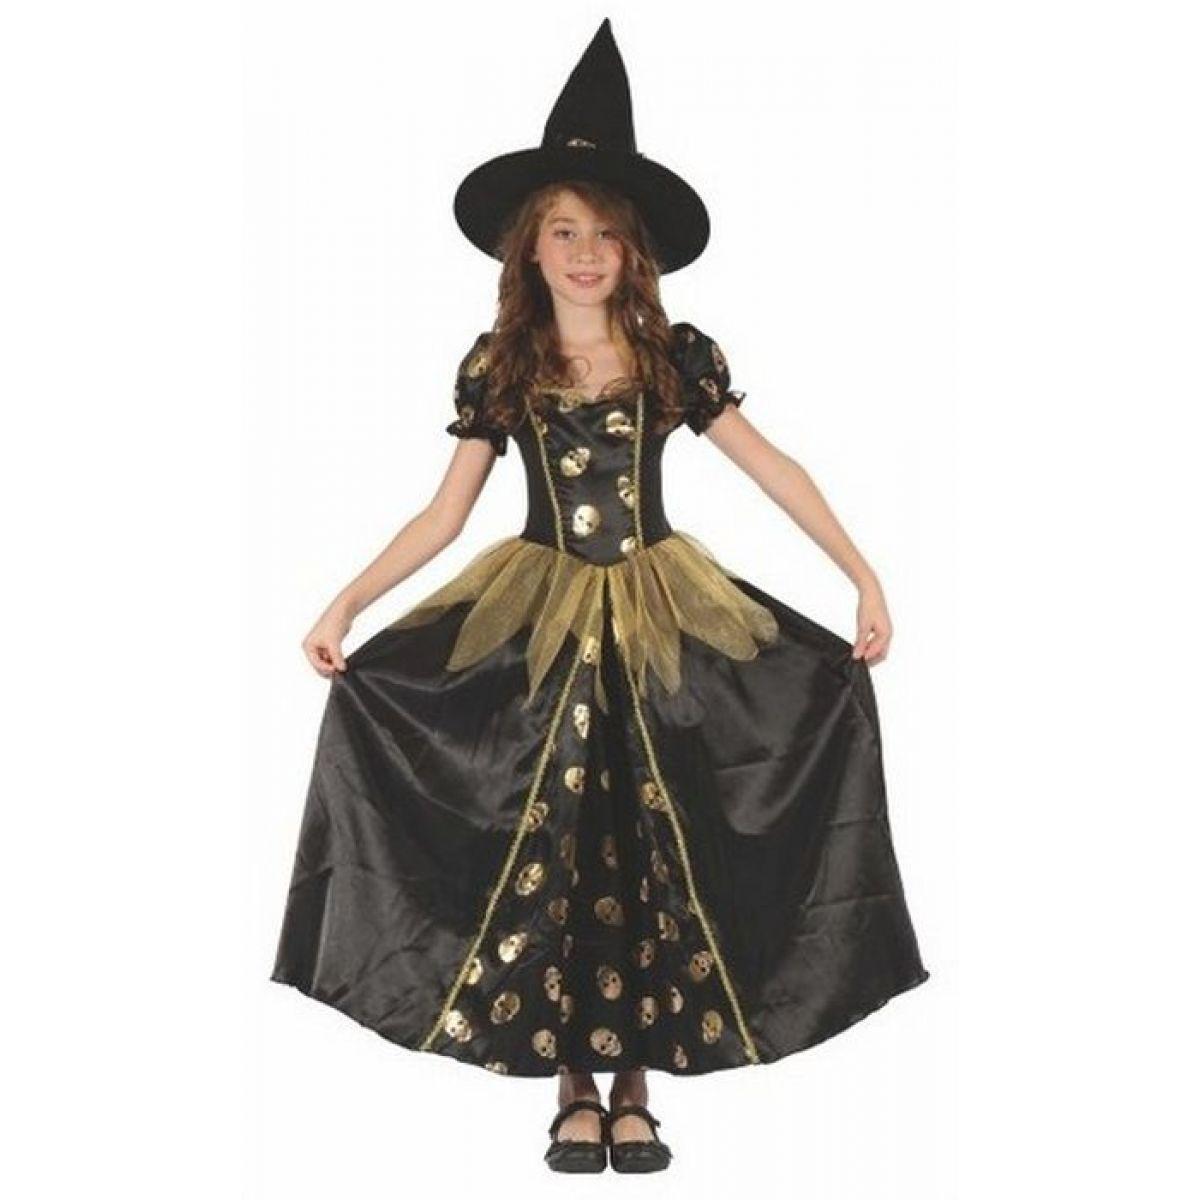 Made Detský kostým Čarodejnica lebka 120-130 cm